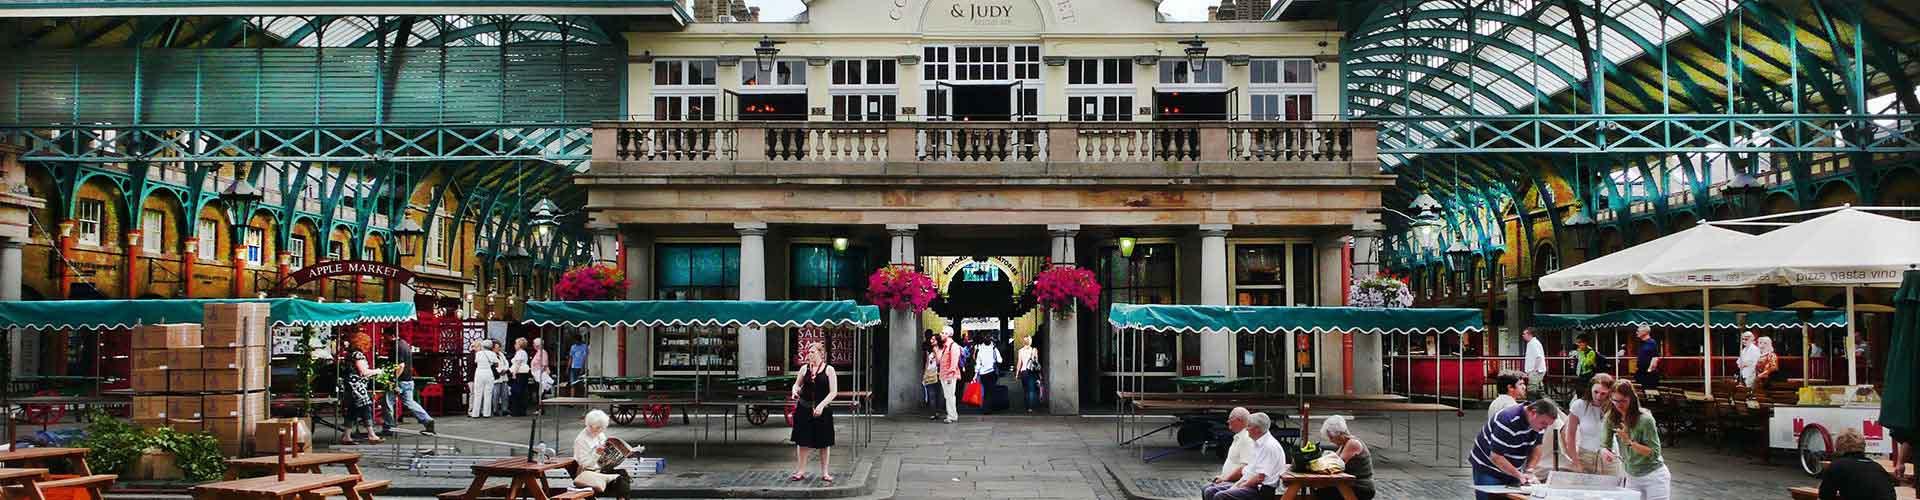 Londres - Apartamentos cerca a Covent Garden Piazza. Mapas de Londres, Fotos y comentarios de cada Apartamento en Londres.